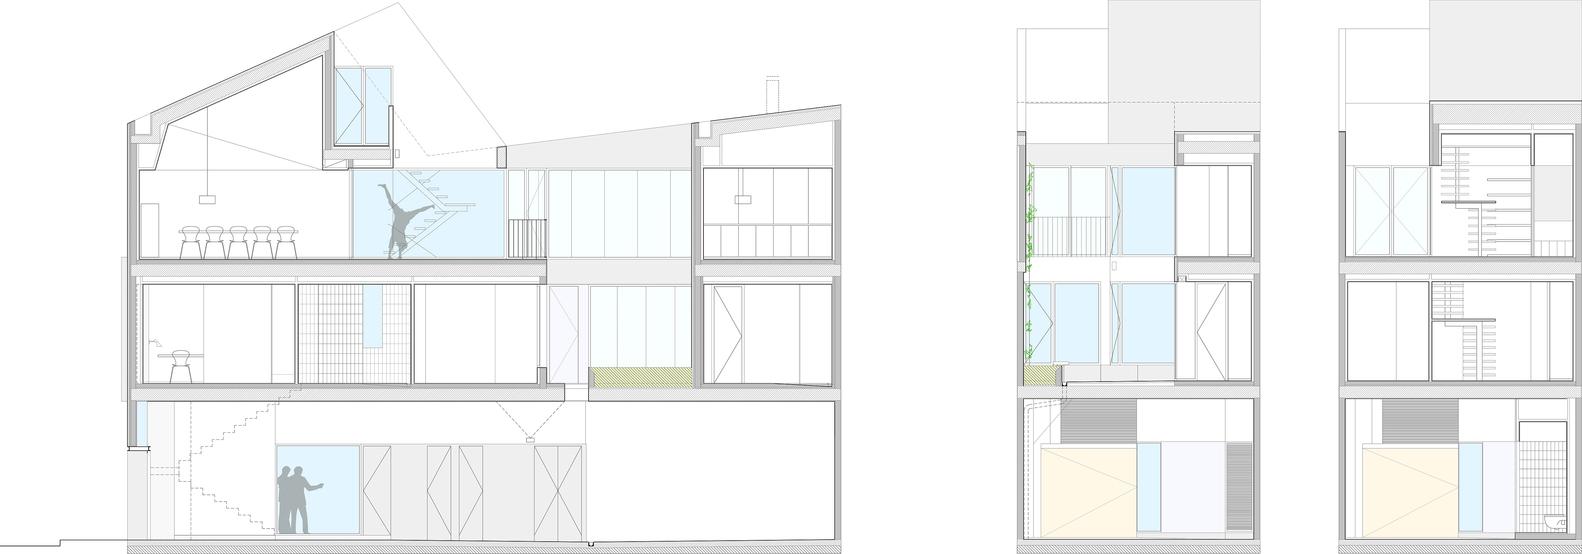 Galería de Vivienda Patio / Juan Marco Arquitectos - 33